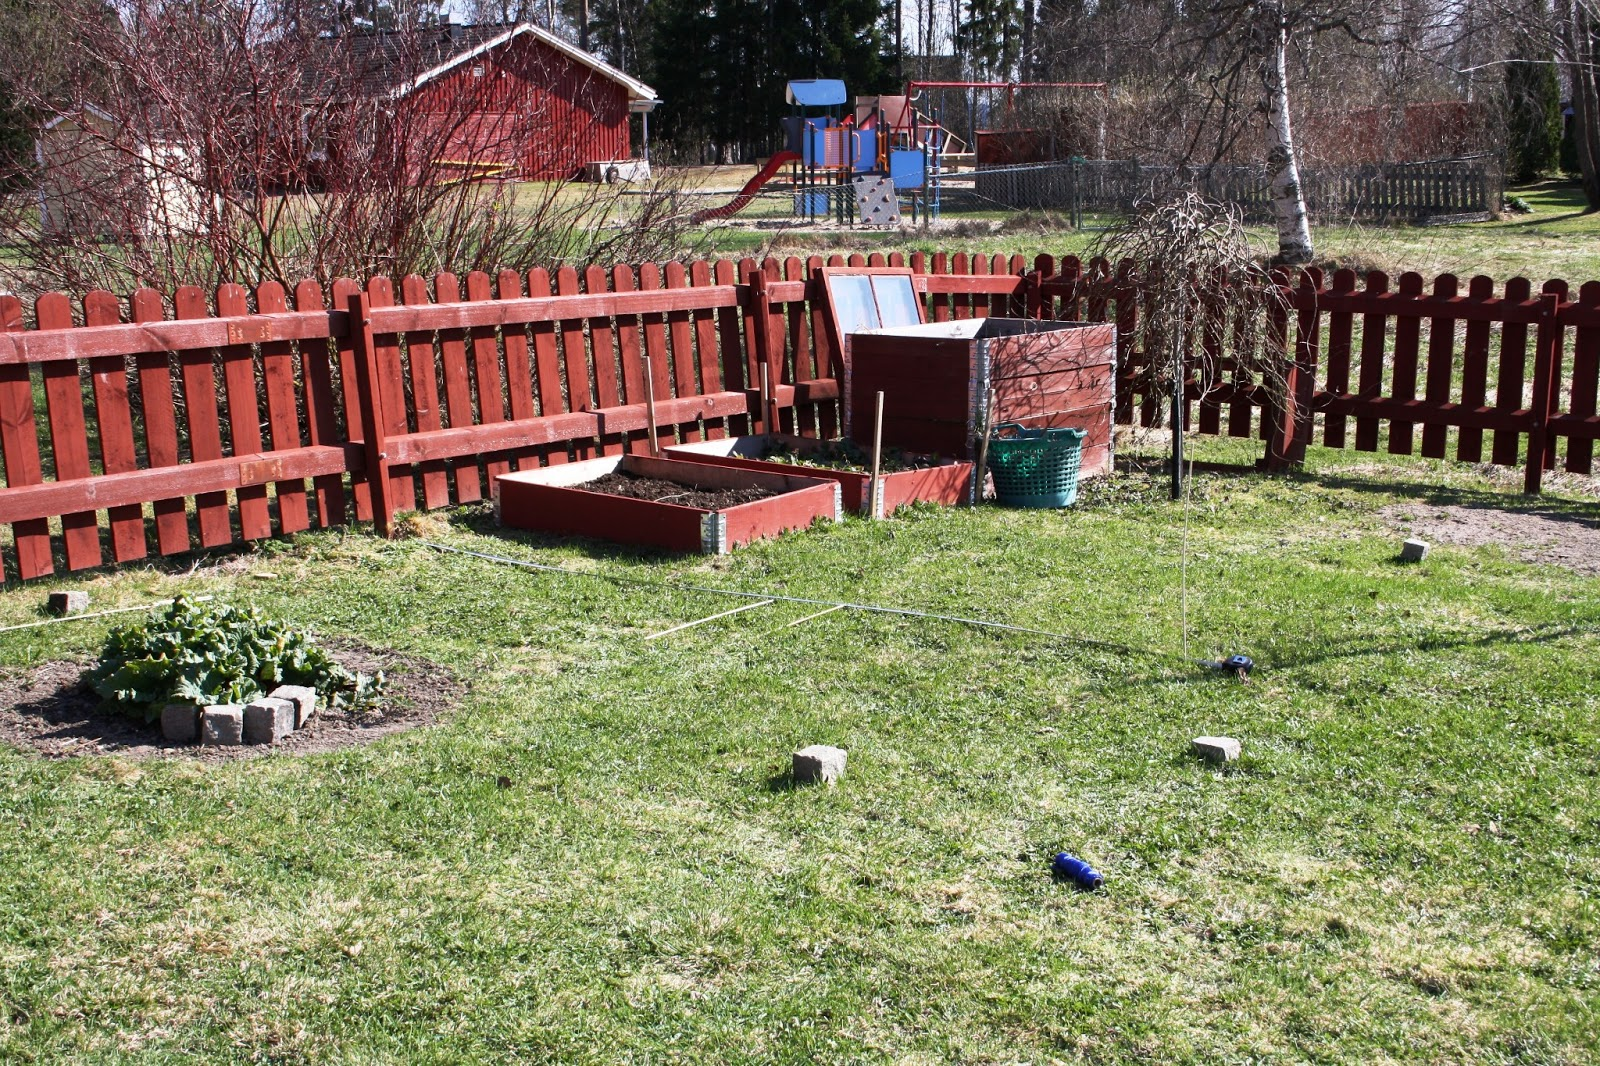 Lantligt i smultronbacken - my home: Köksträdgården från början ...